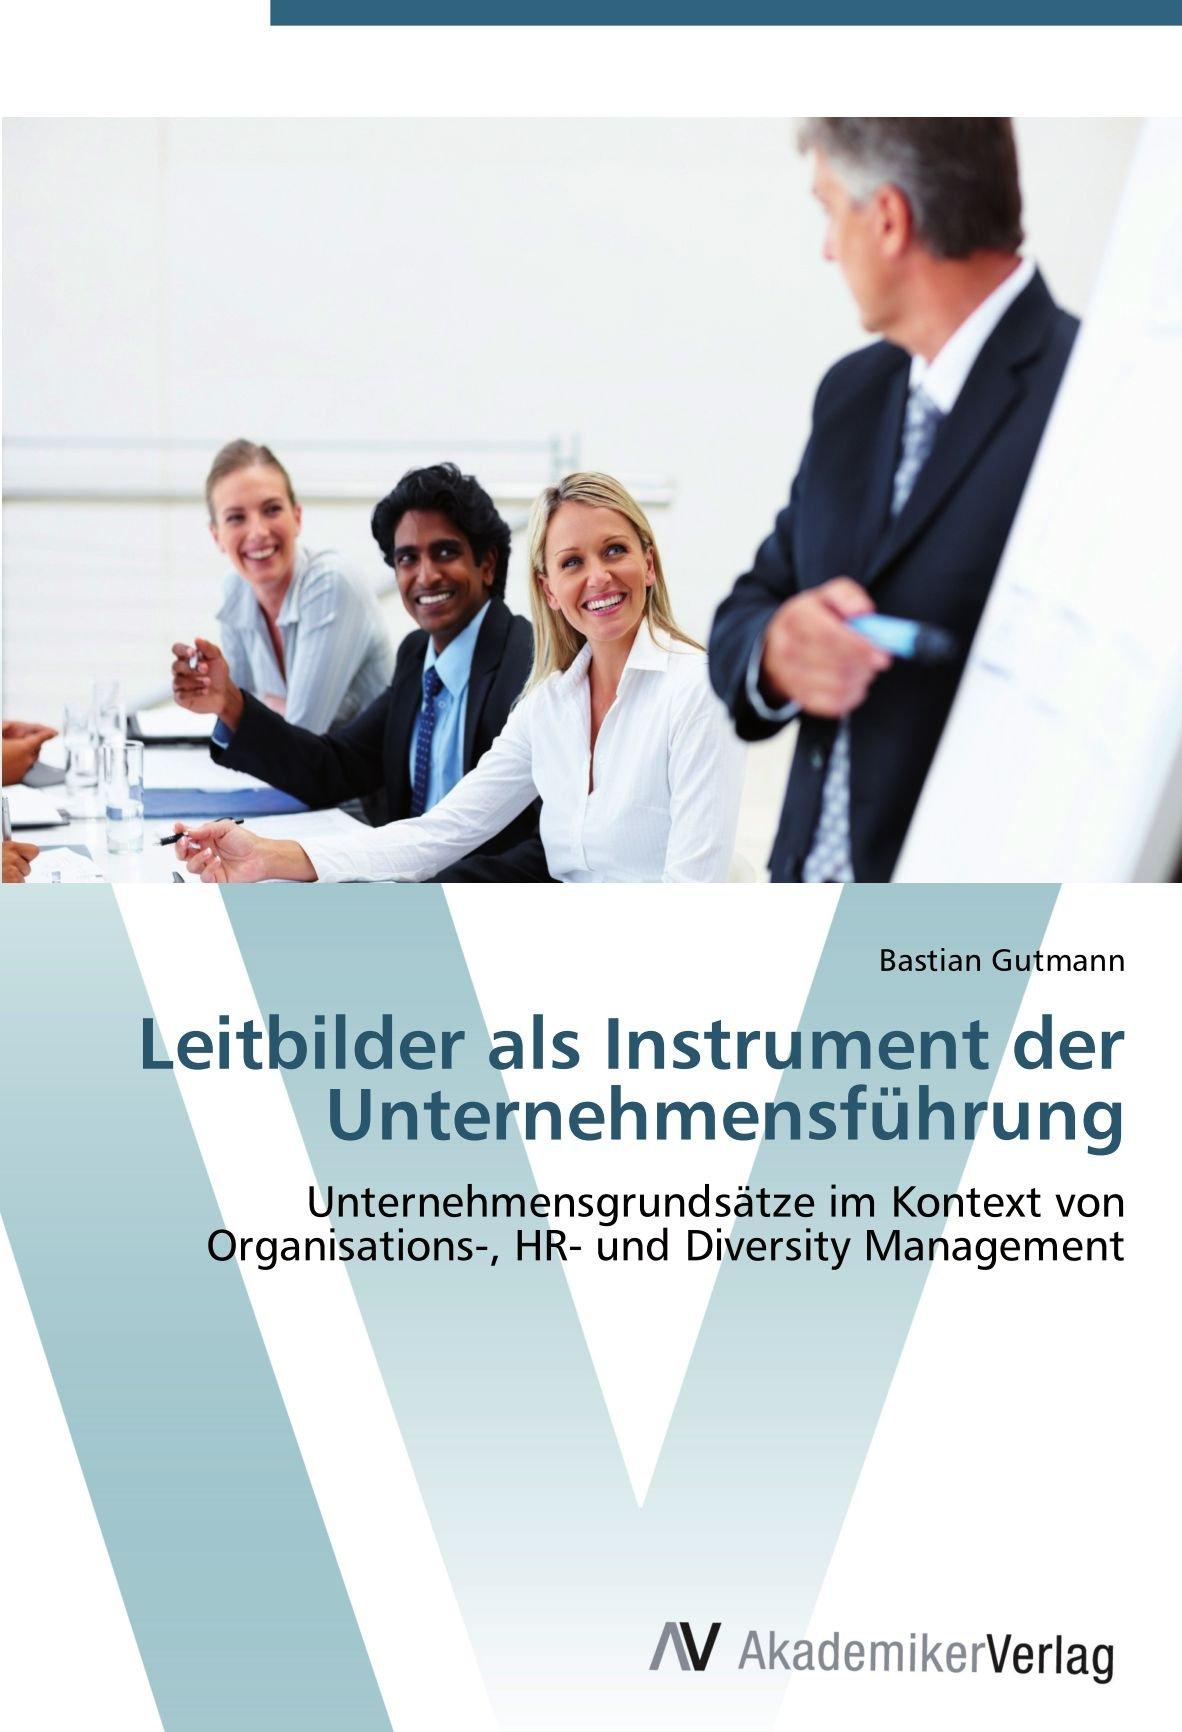 Leitbilder als Instrument der Unternehmensführung: Unternehmensgrundsätze im Kontext von Organisations- HR- und Diversity Management